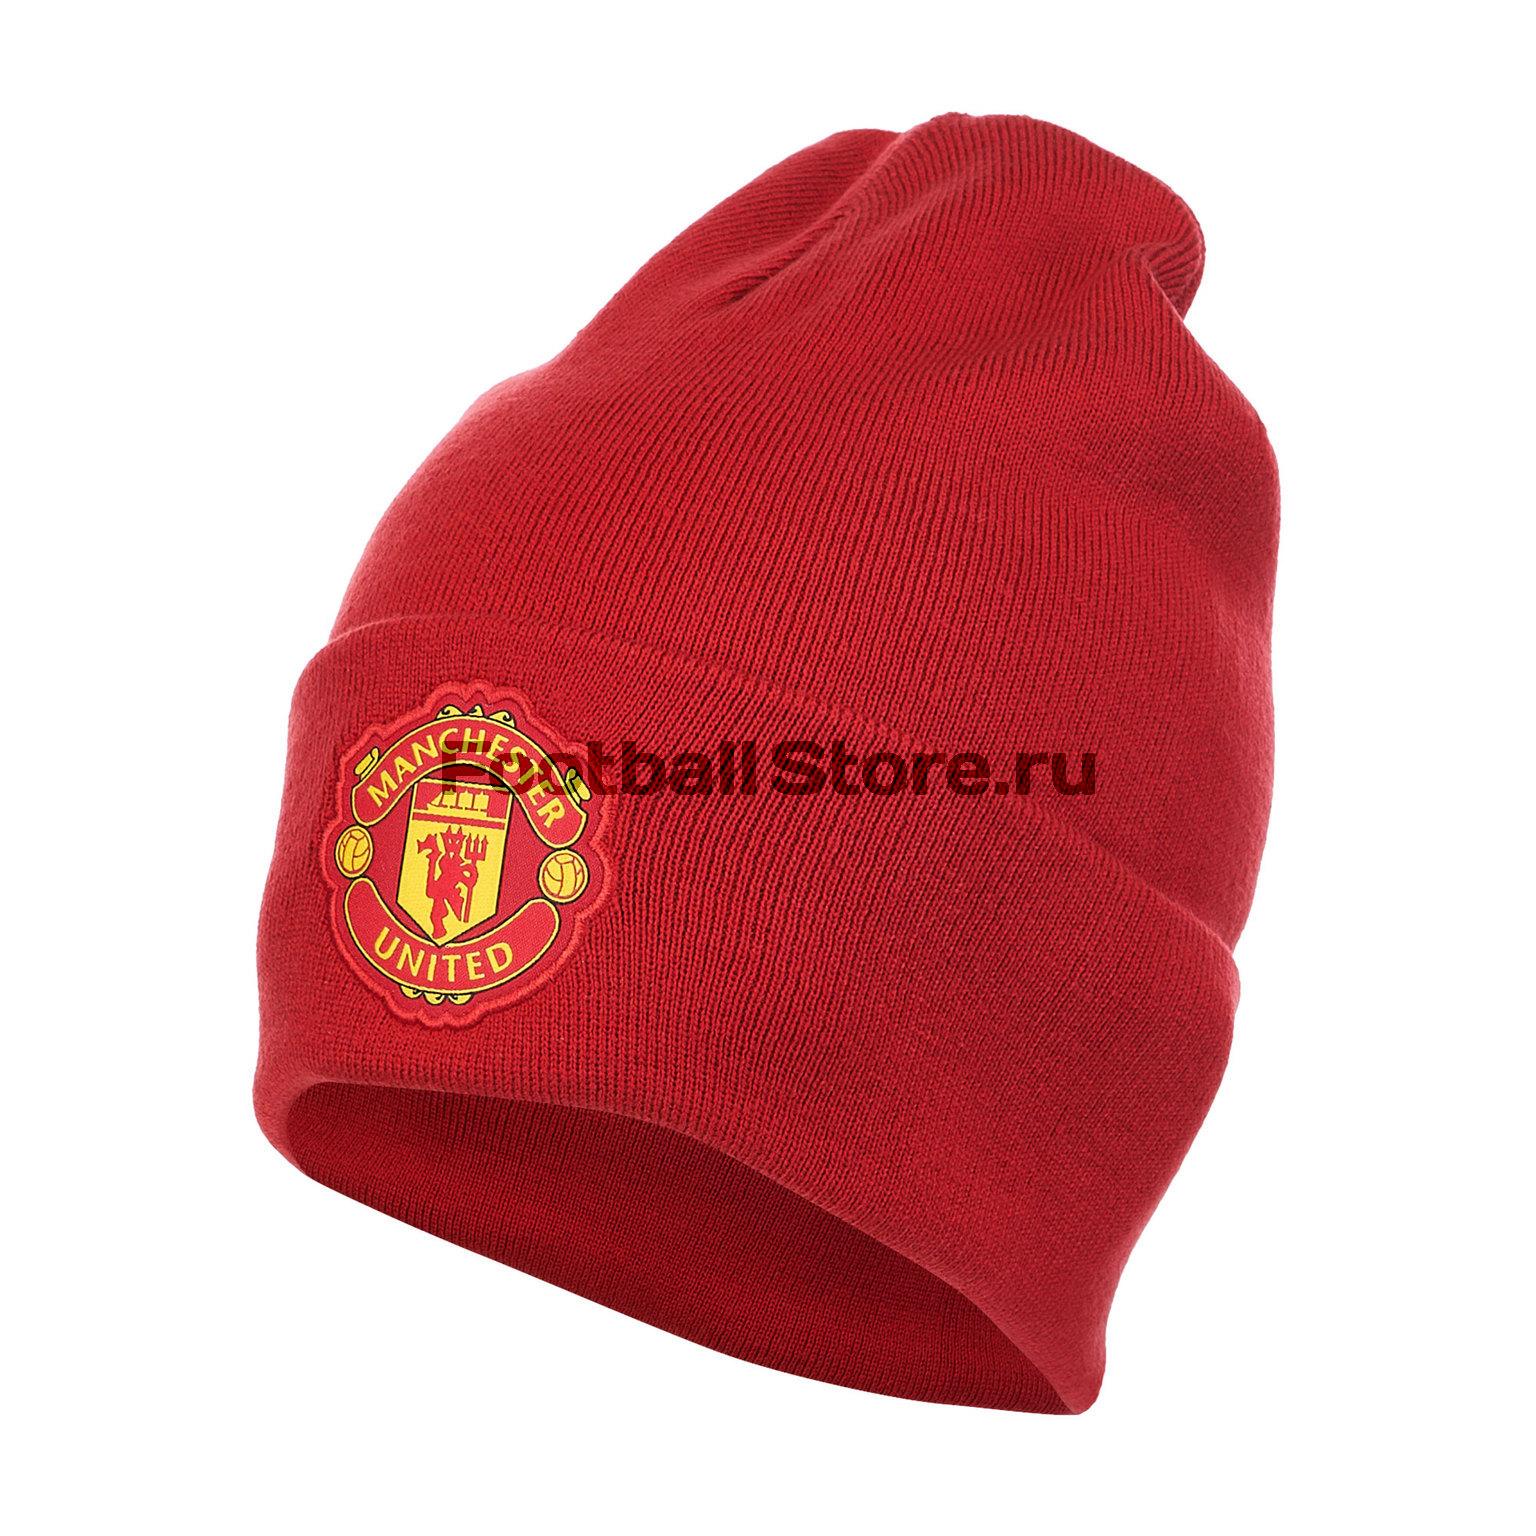 Шапка Adidas Manchester United 3S Woolie CY5565 – купить в интернет магазине  footballstore 6ef003c4fb64c